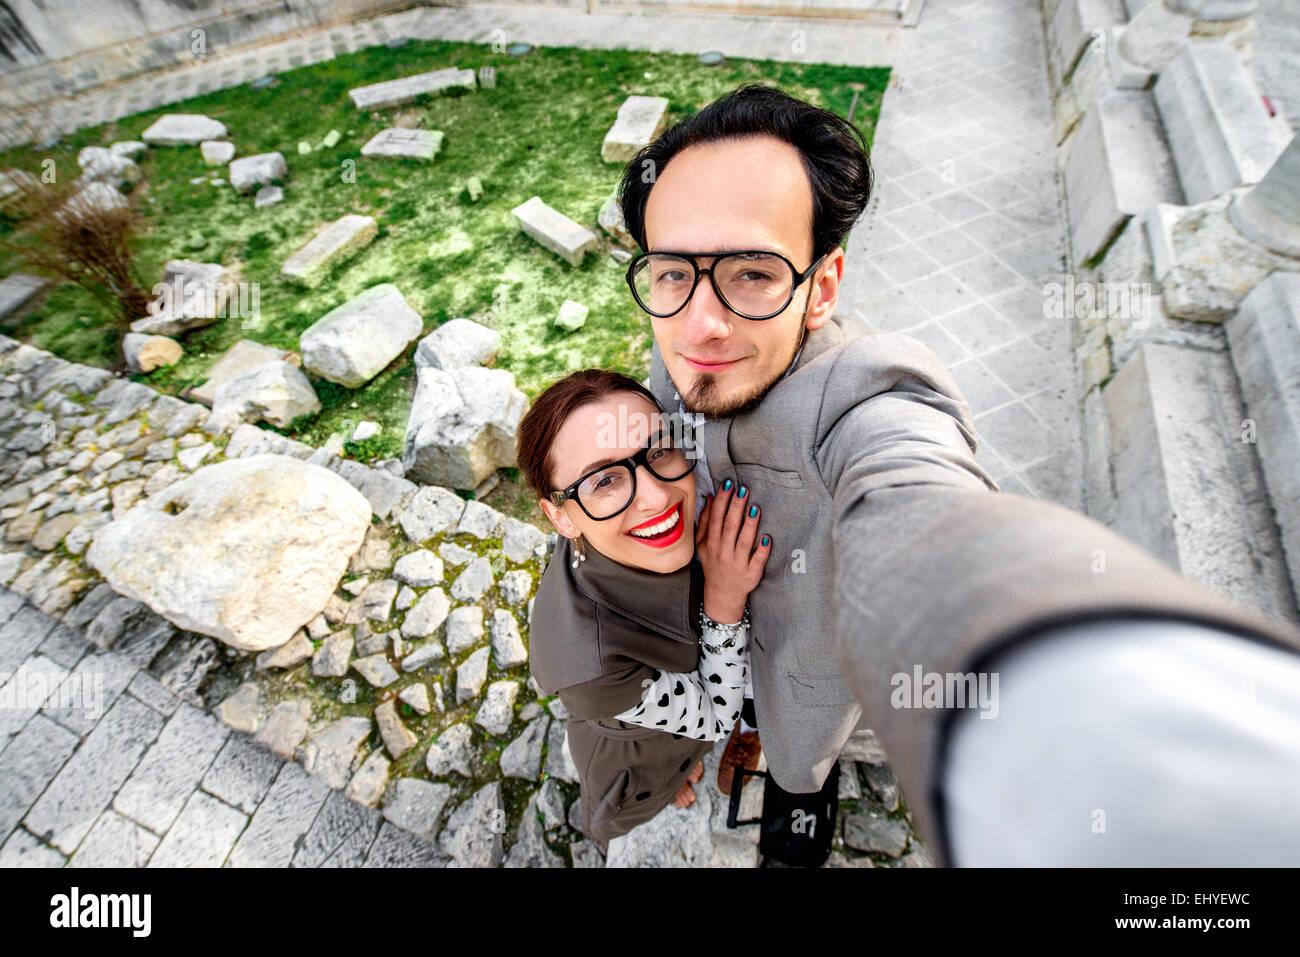 Par Tomar imagen selfie Imagen De Stock